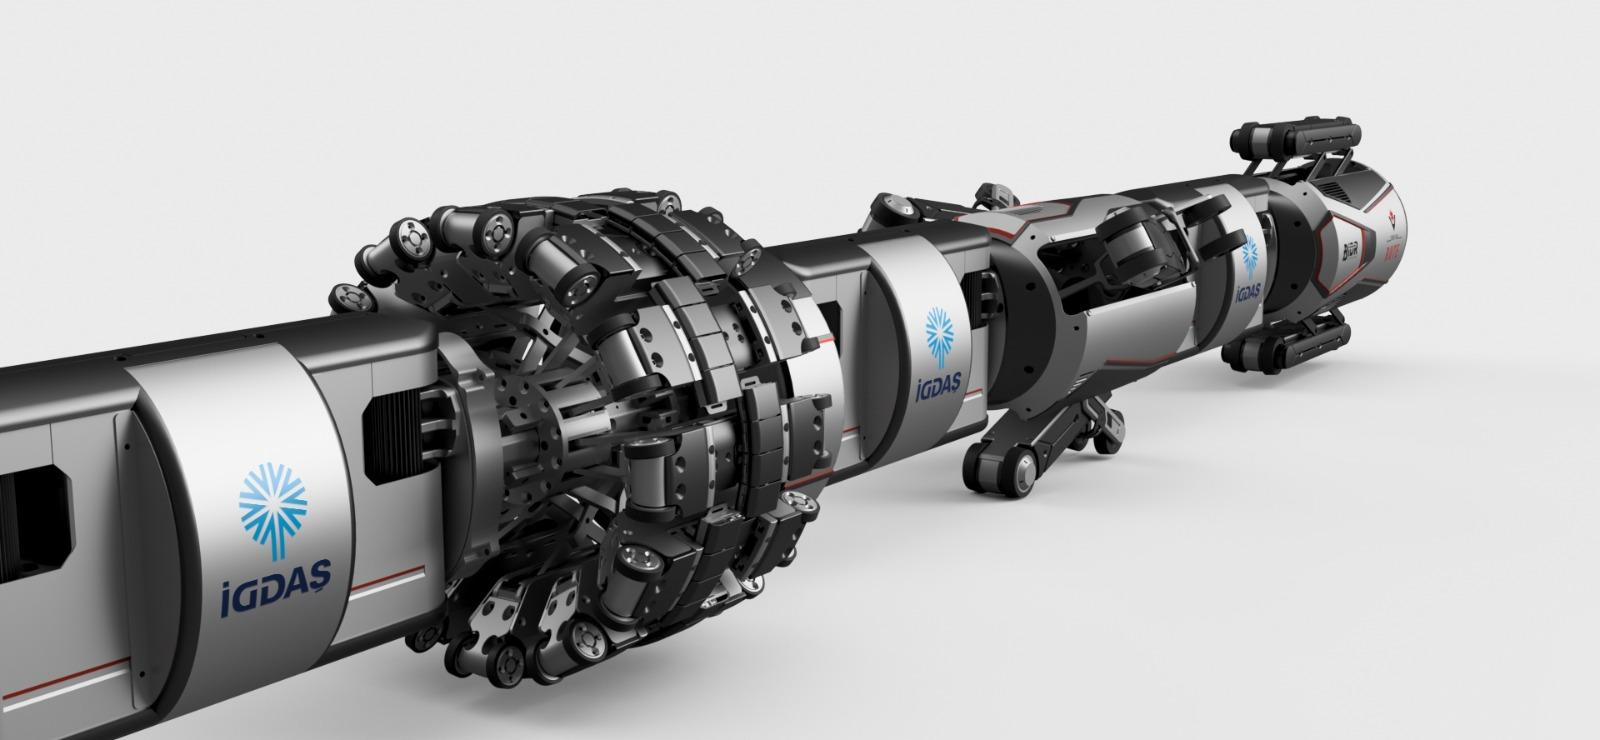 İGDAŞ'ın robotu, boruları içeriden gözleyecek 7